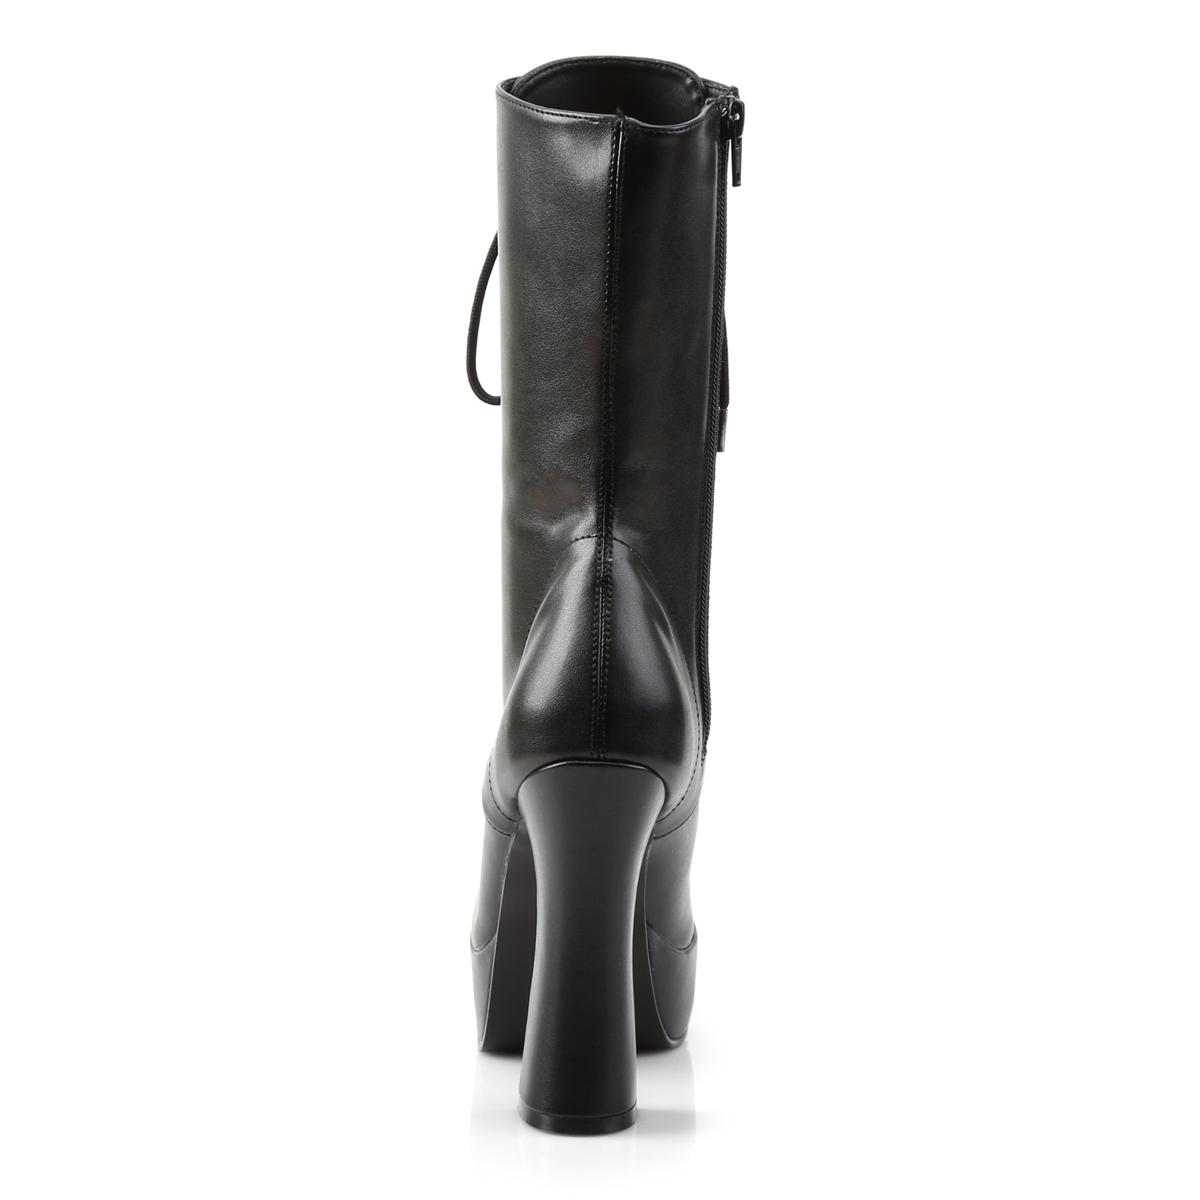 Pat Leather Matte Noir Blk Pleaser 1020 Faux Noir Noir Electra 6qx8API